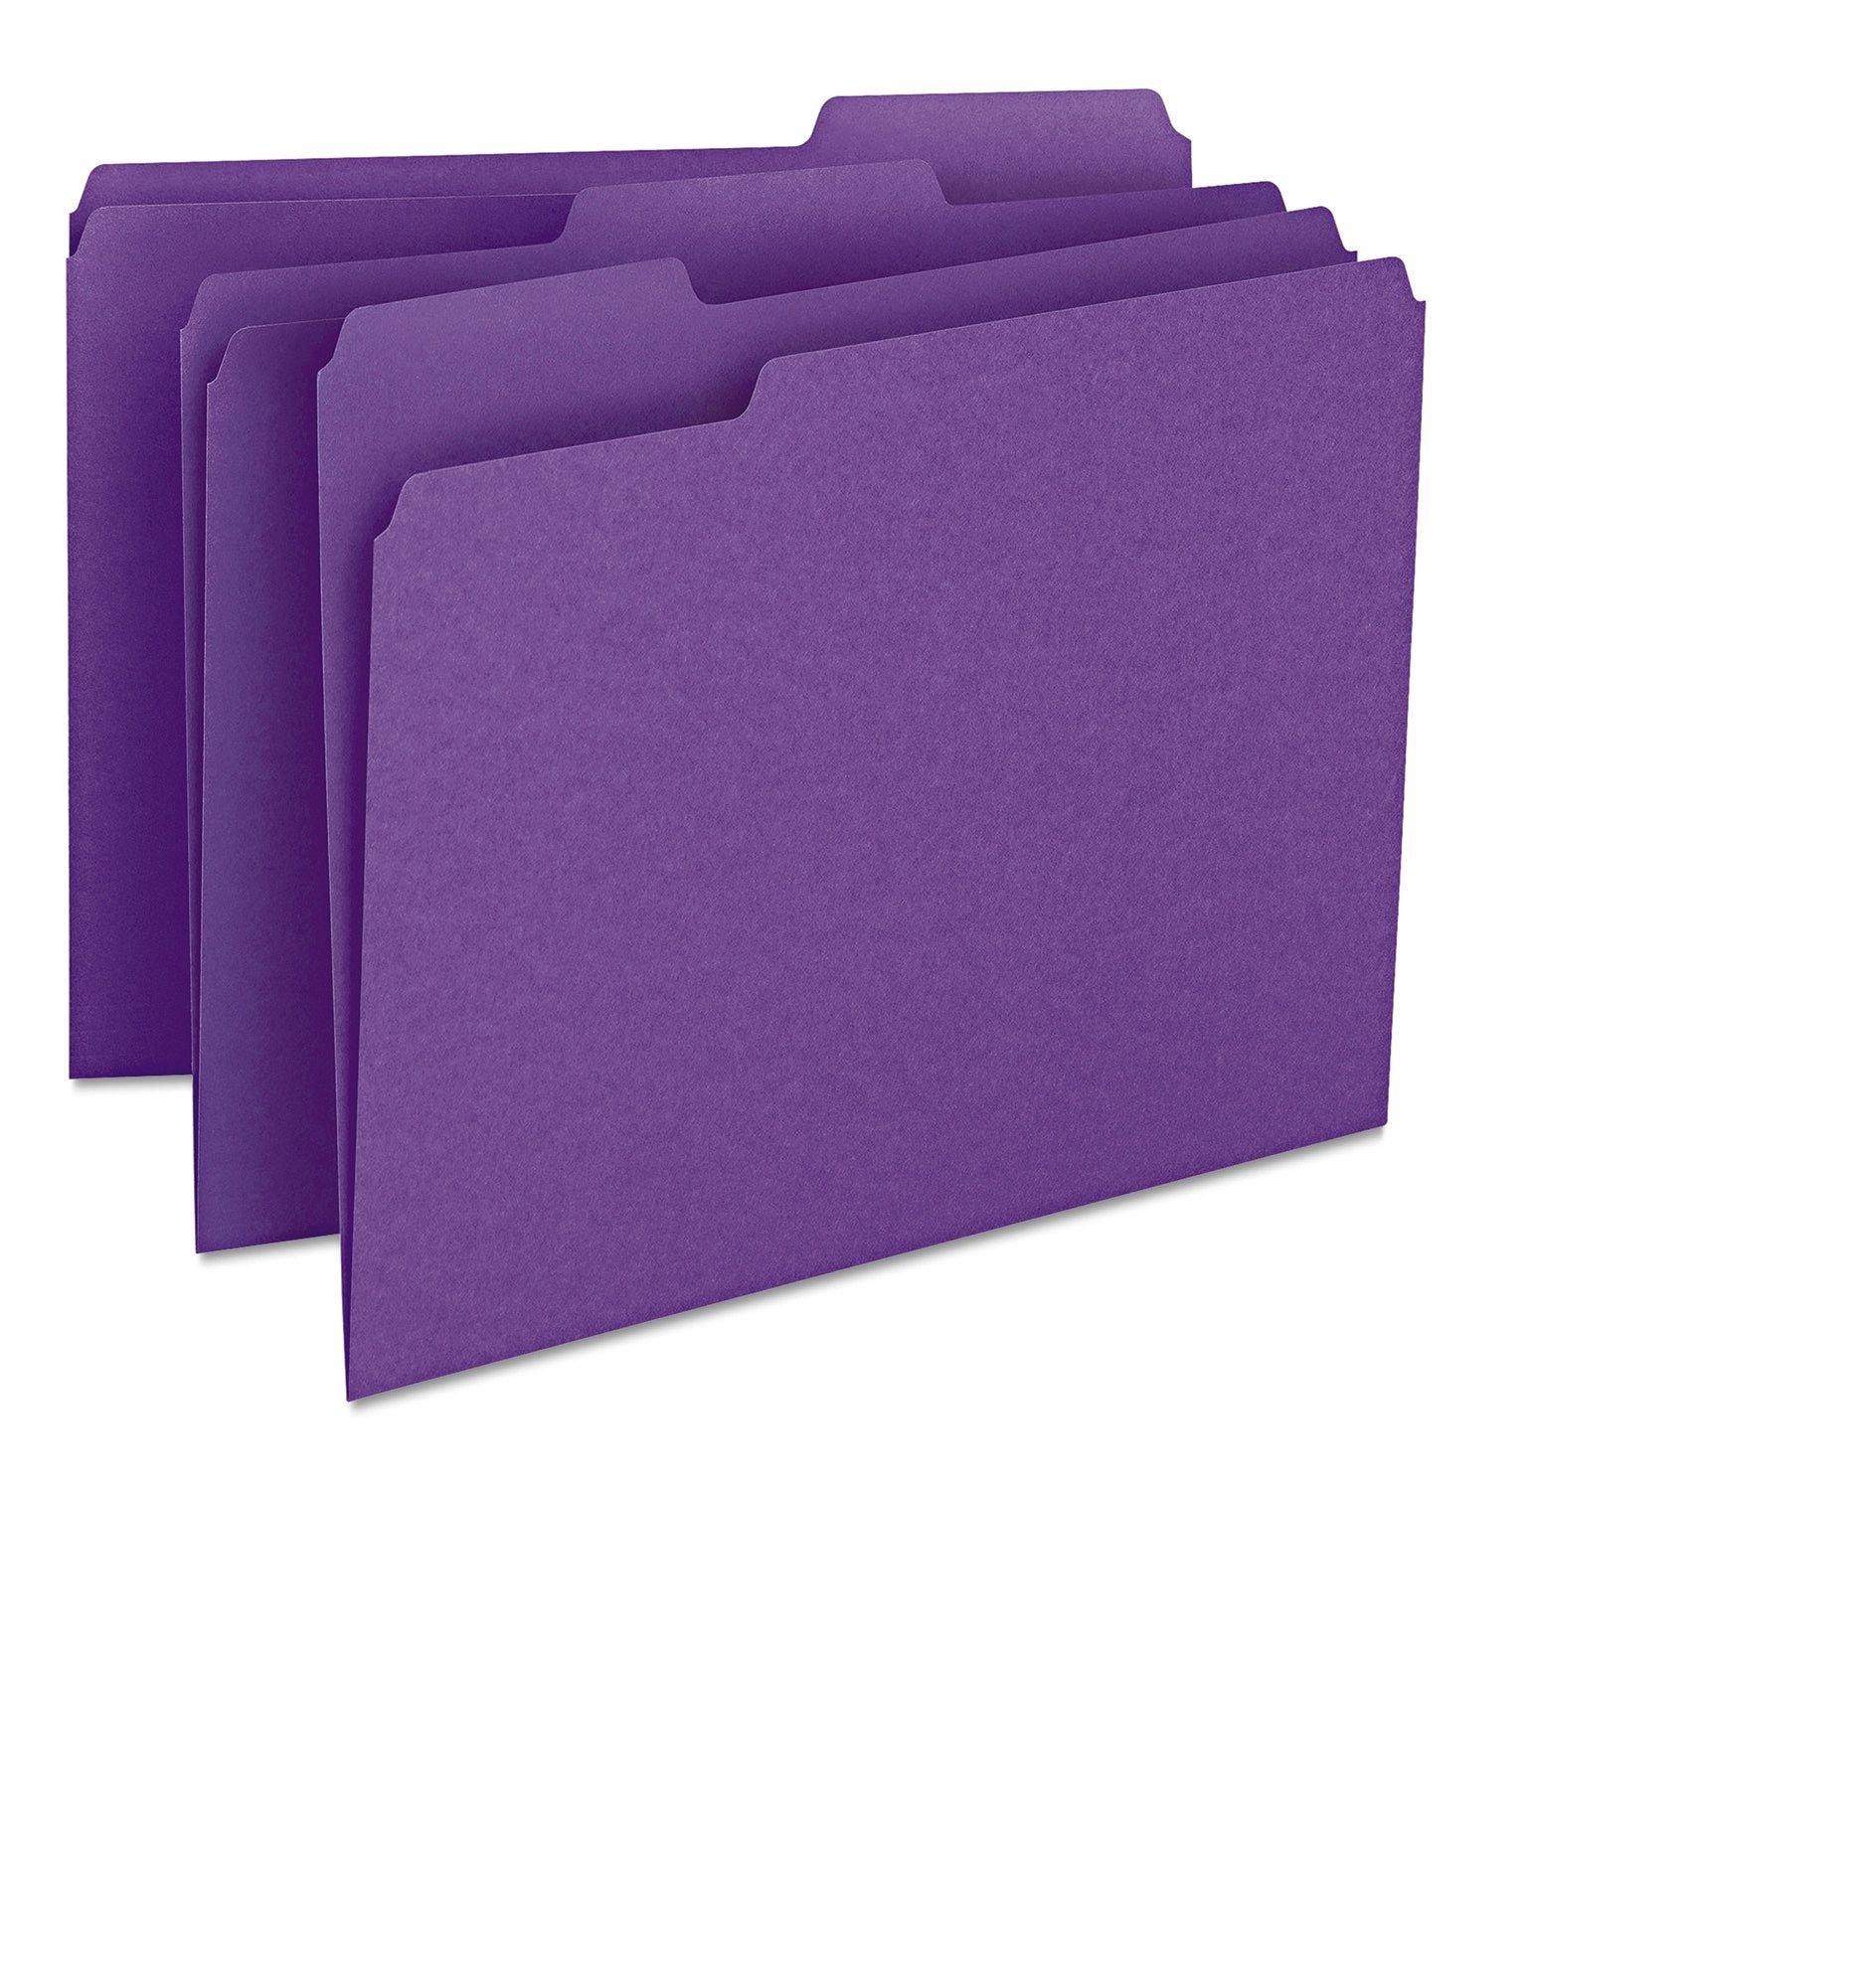 Smead File Folder, Reinforced 1/3-Cut Tab, Letter Size, Purple, 100 per Box (13034)